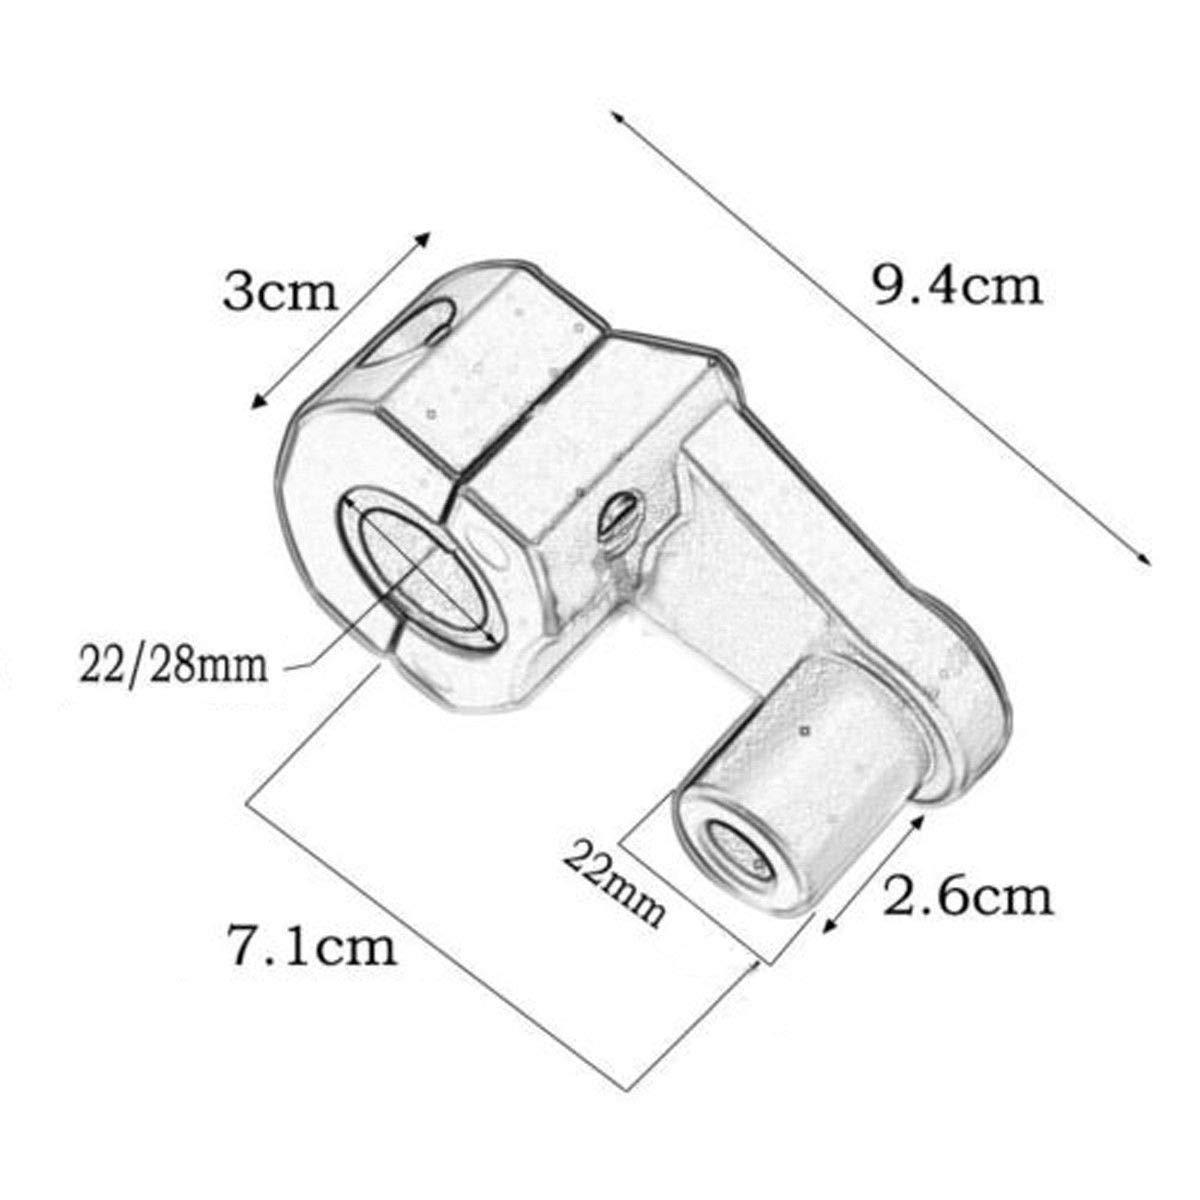 28 mm universali Sunwan Rialzi per manubrio moto adatti per manubri da 22 mm in lega di alluminio resistente